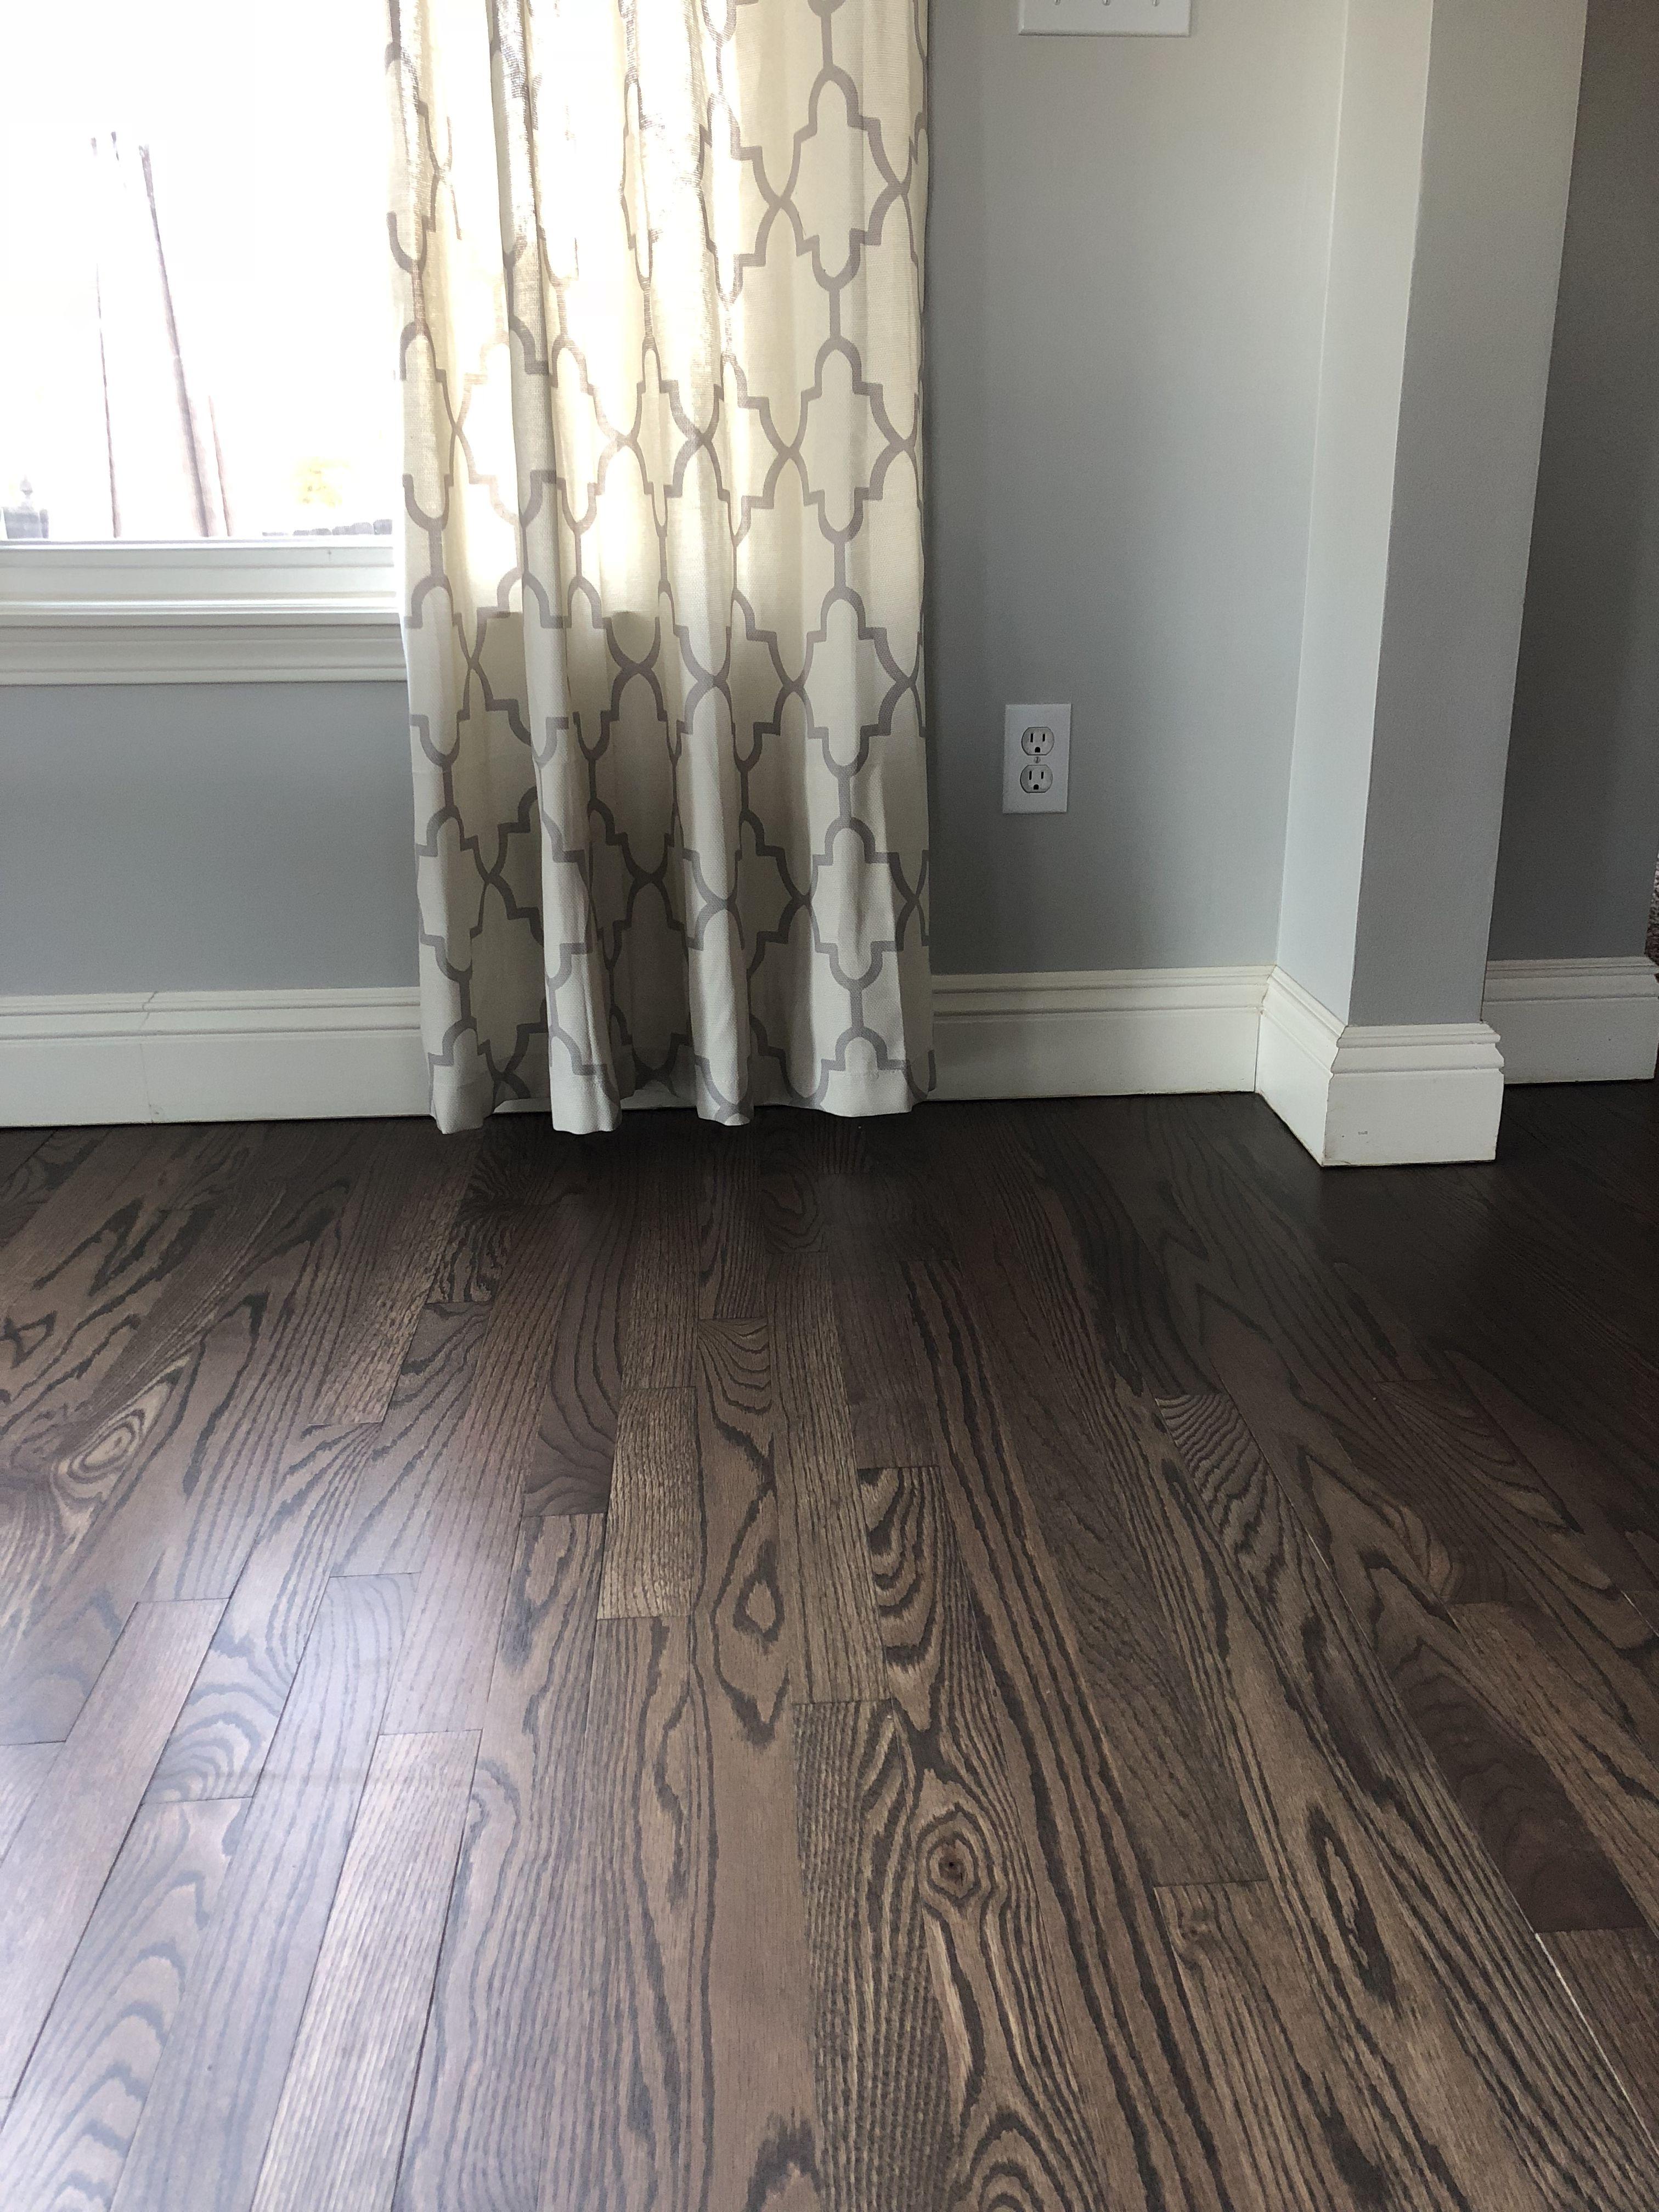 Refinished Original Hardwood Floors In A 50 50 Blend Of Espresso